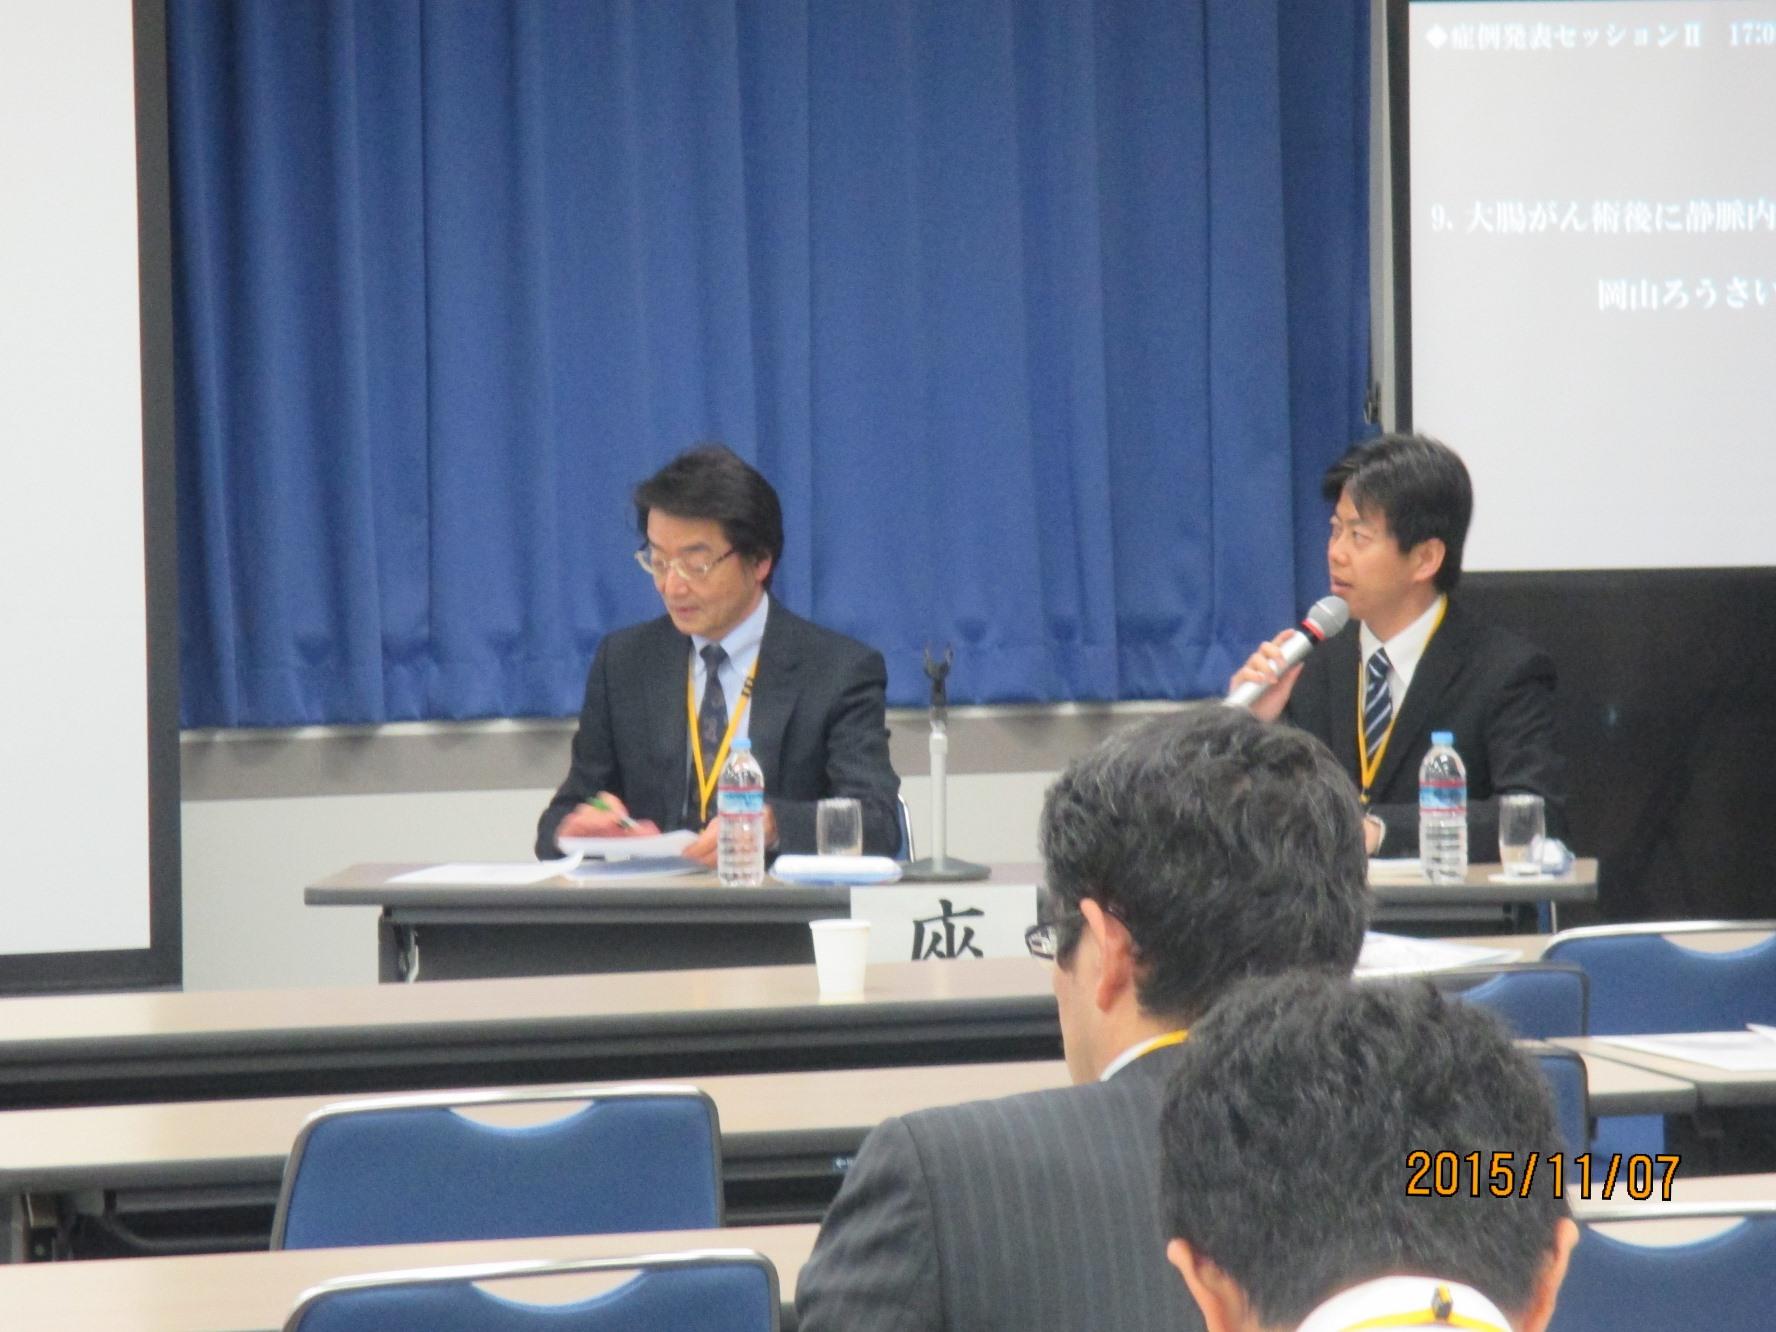 内科レジデントカンファレンス2015 in OKAYAMA (司会:金廣有彦先生,西森和久先生)